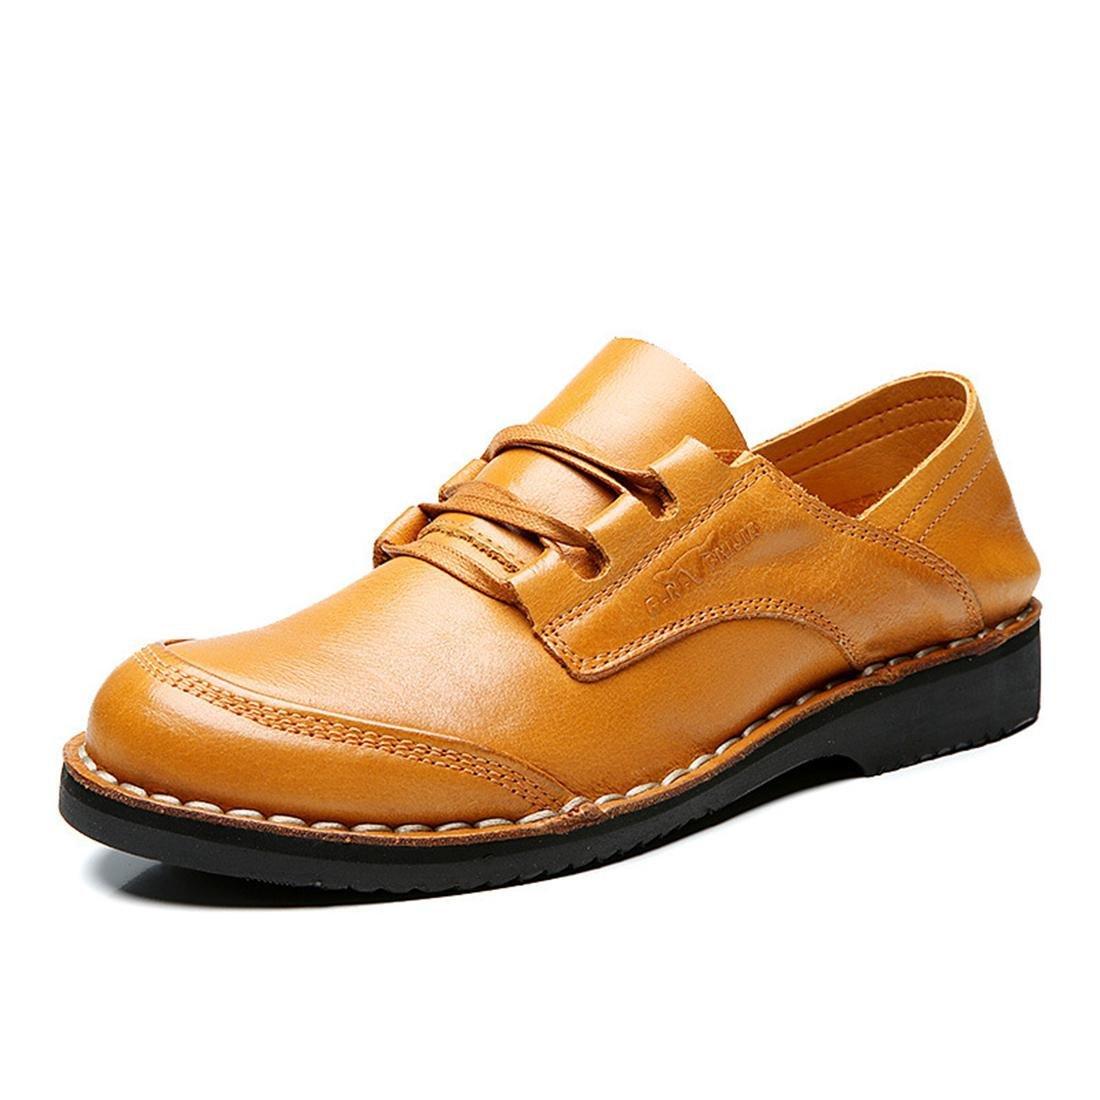 Herren Mode Lederschuhe Lässige Schuhe Schuhe Schuhe Licht Gemütlich Freizeitschuhe Flache Schuhe Rutschfest Atmungsaktiv Lazy Schuhe EUR GRÖSSE 38-44 64c196